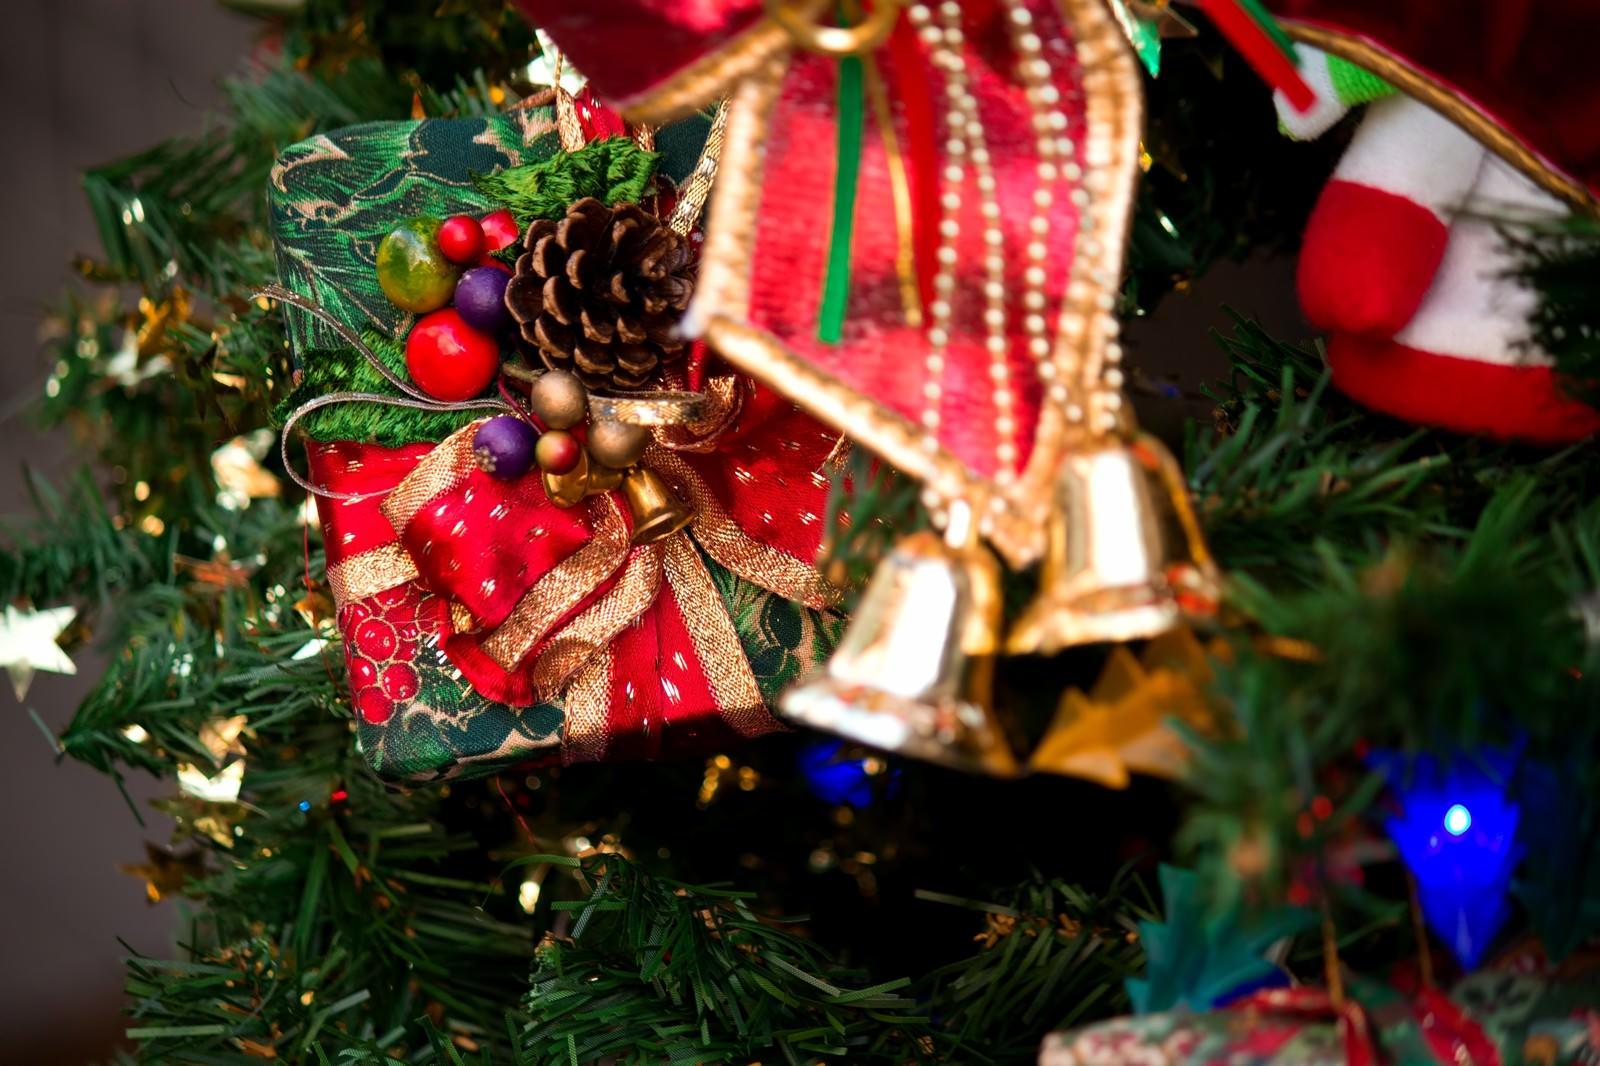 クリスマスのプレゼントとツリー無料の写真素材はフリー素材のぱくたそ